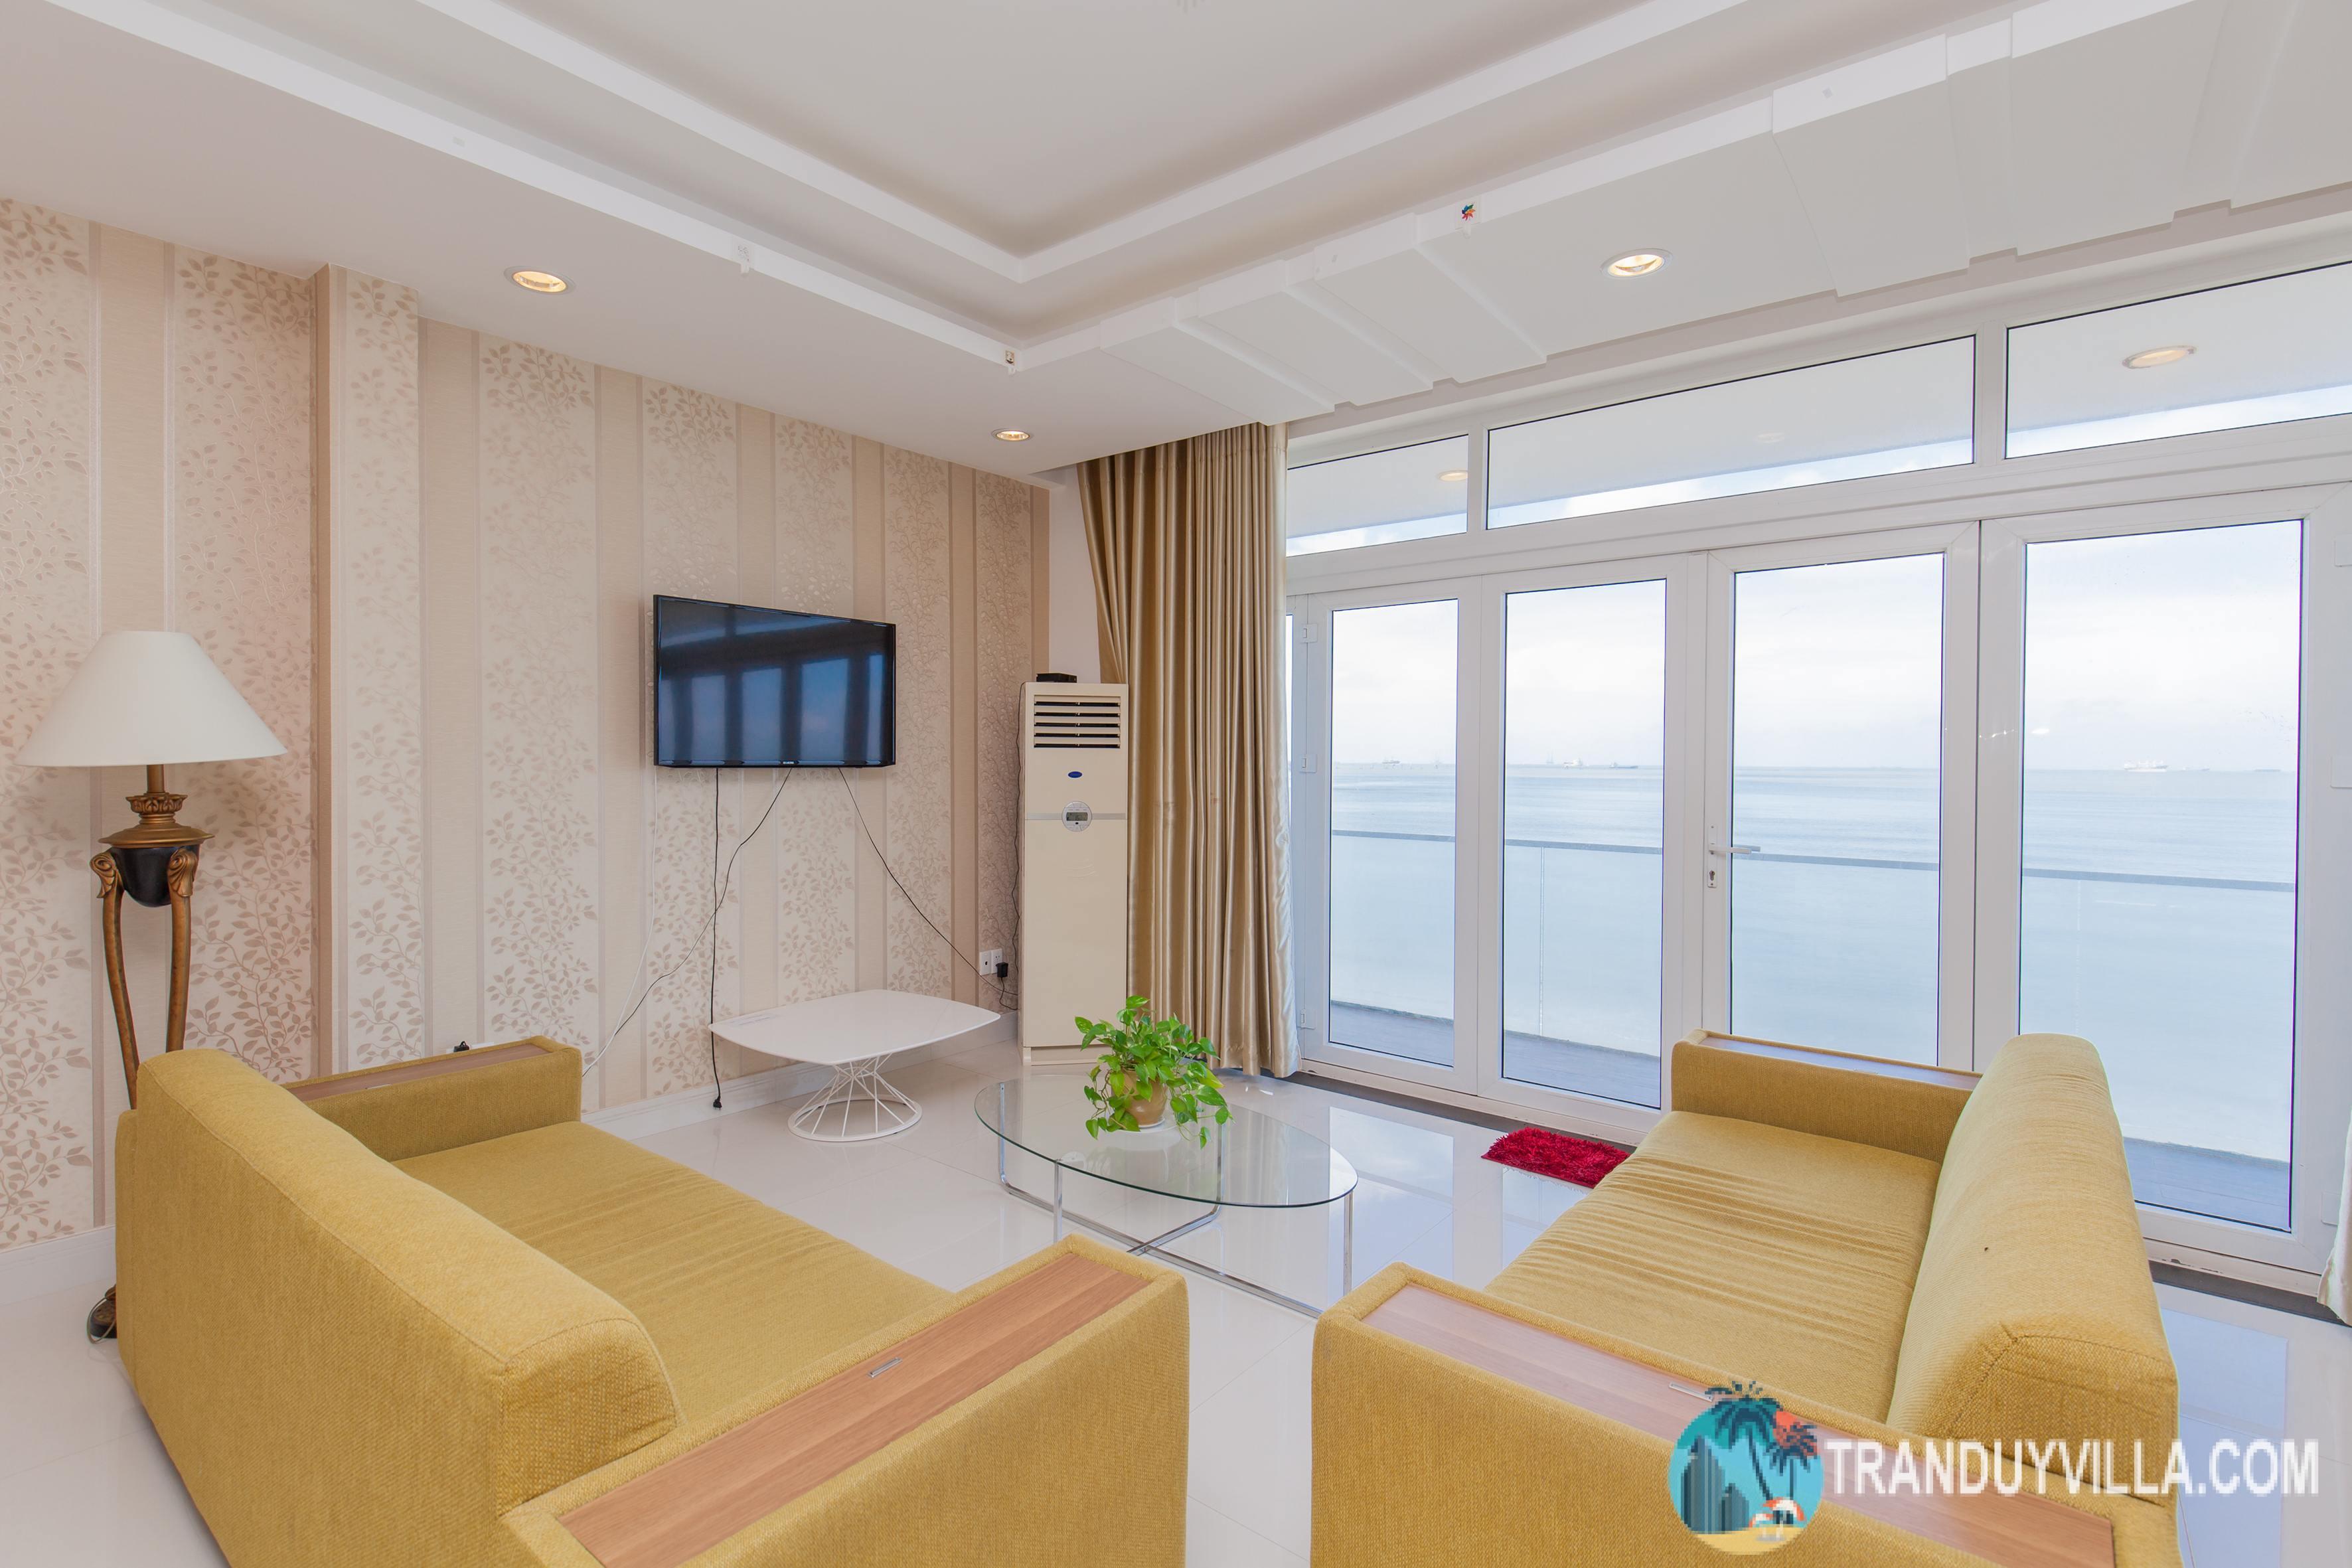 Diện tích sử dụng trên 300m2, thiết kế phòng khách sang trọng và đồ nội thất cao cấp